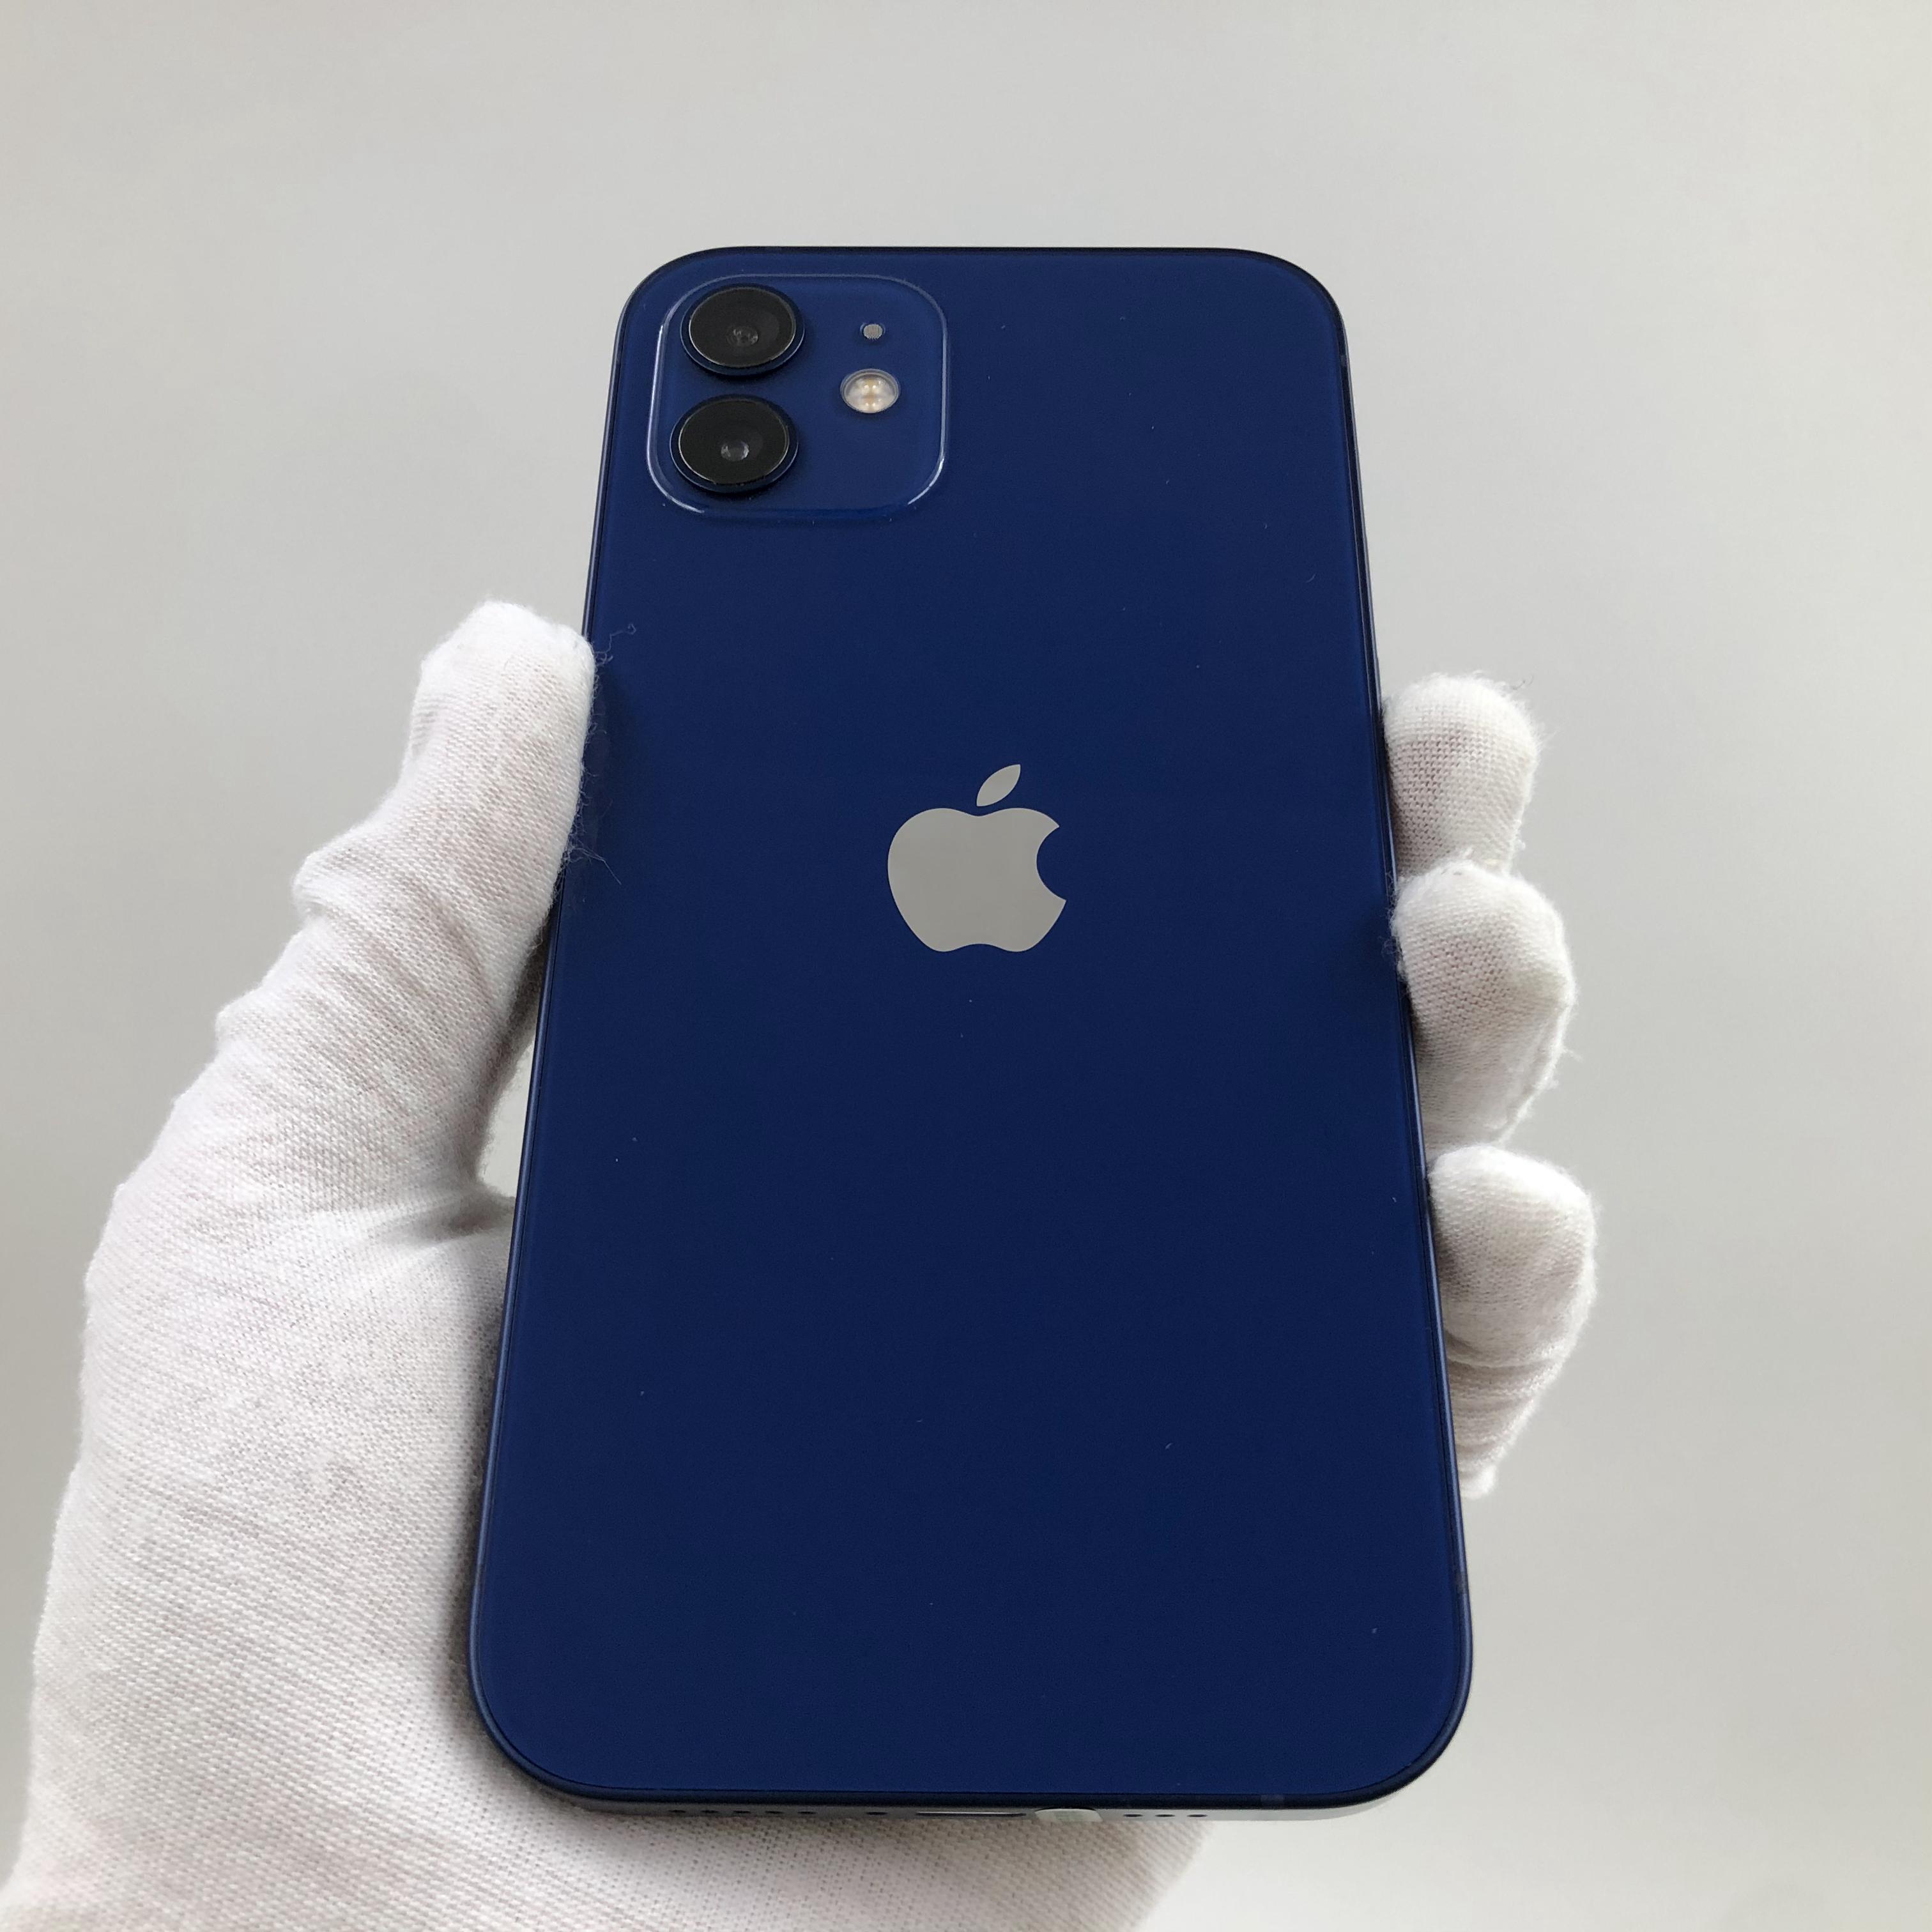 苹果【iPhone 12】5G全网通 蓝色 128G 国行 99新 真机实拍